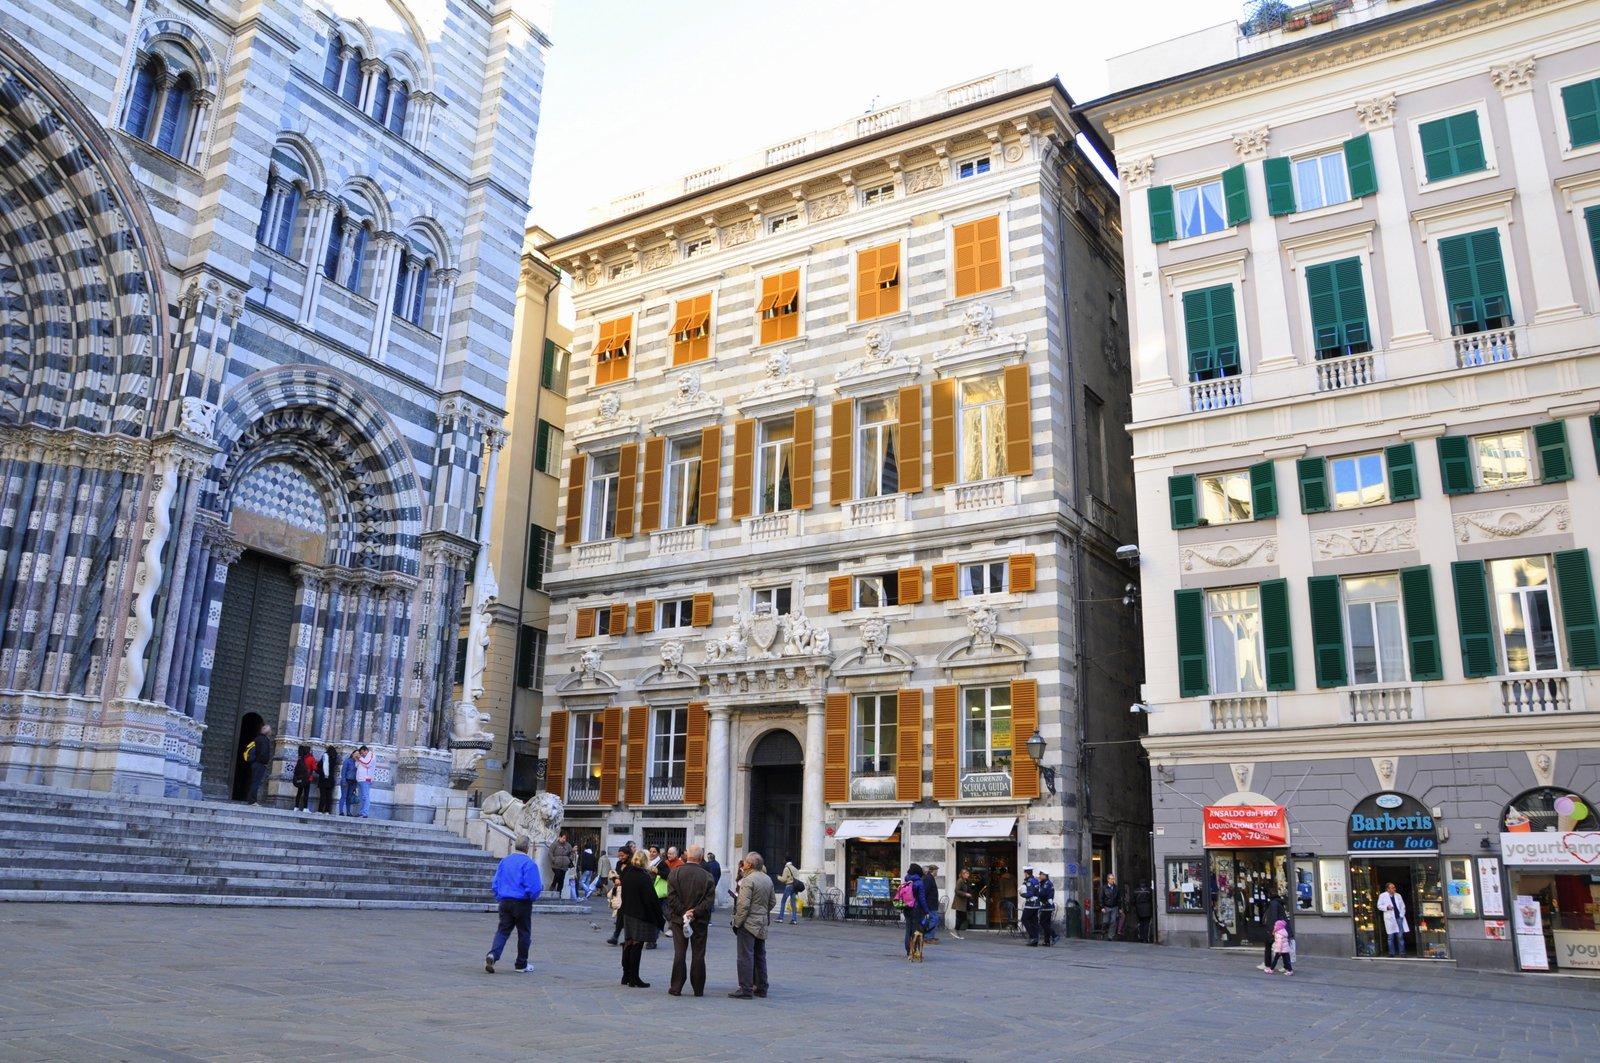 La place de la cathédrale de San Lorenzo, à Gênes